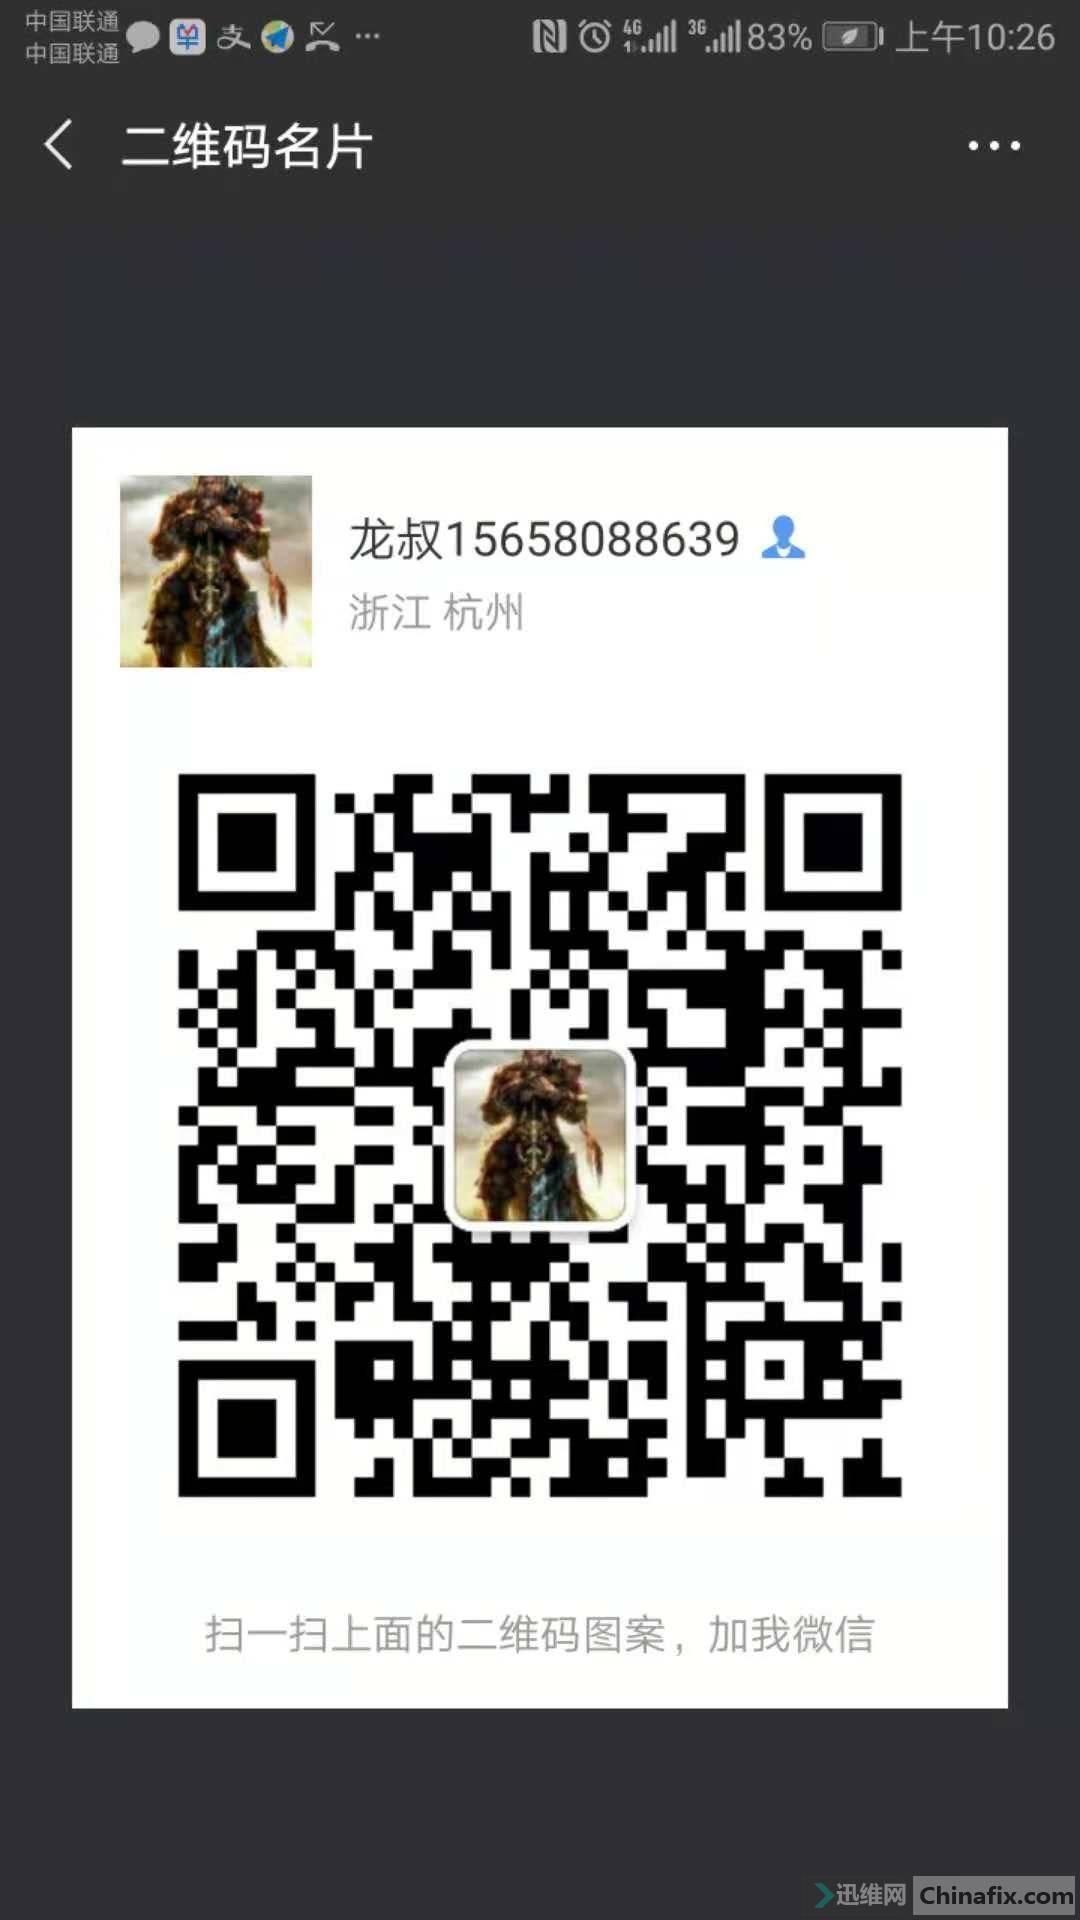 微信图片_20181013103028.jpg